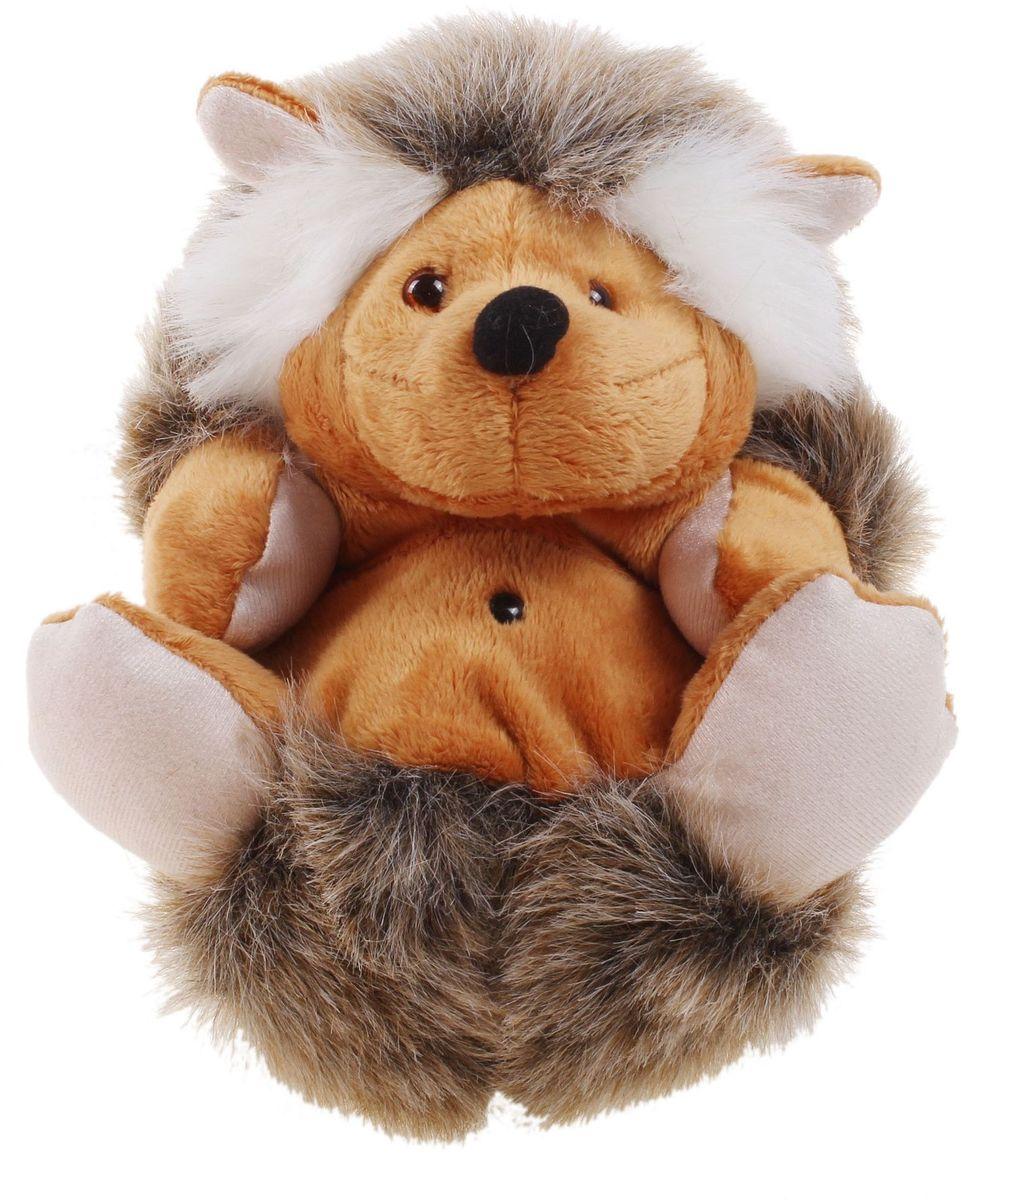 888 Мягкая игрушка Ежик Пуся 26 см 333571 geoby 888 в новосибирске